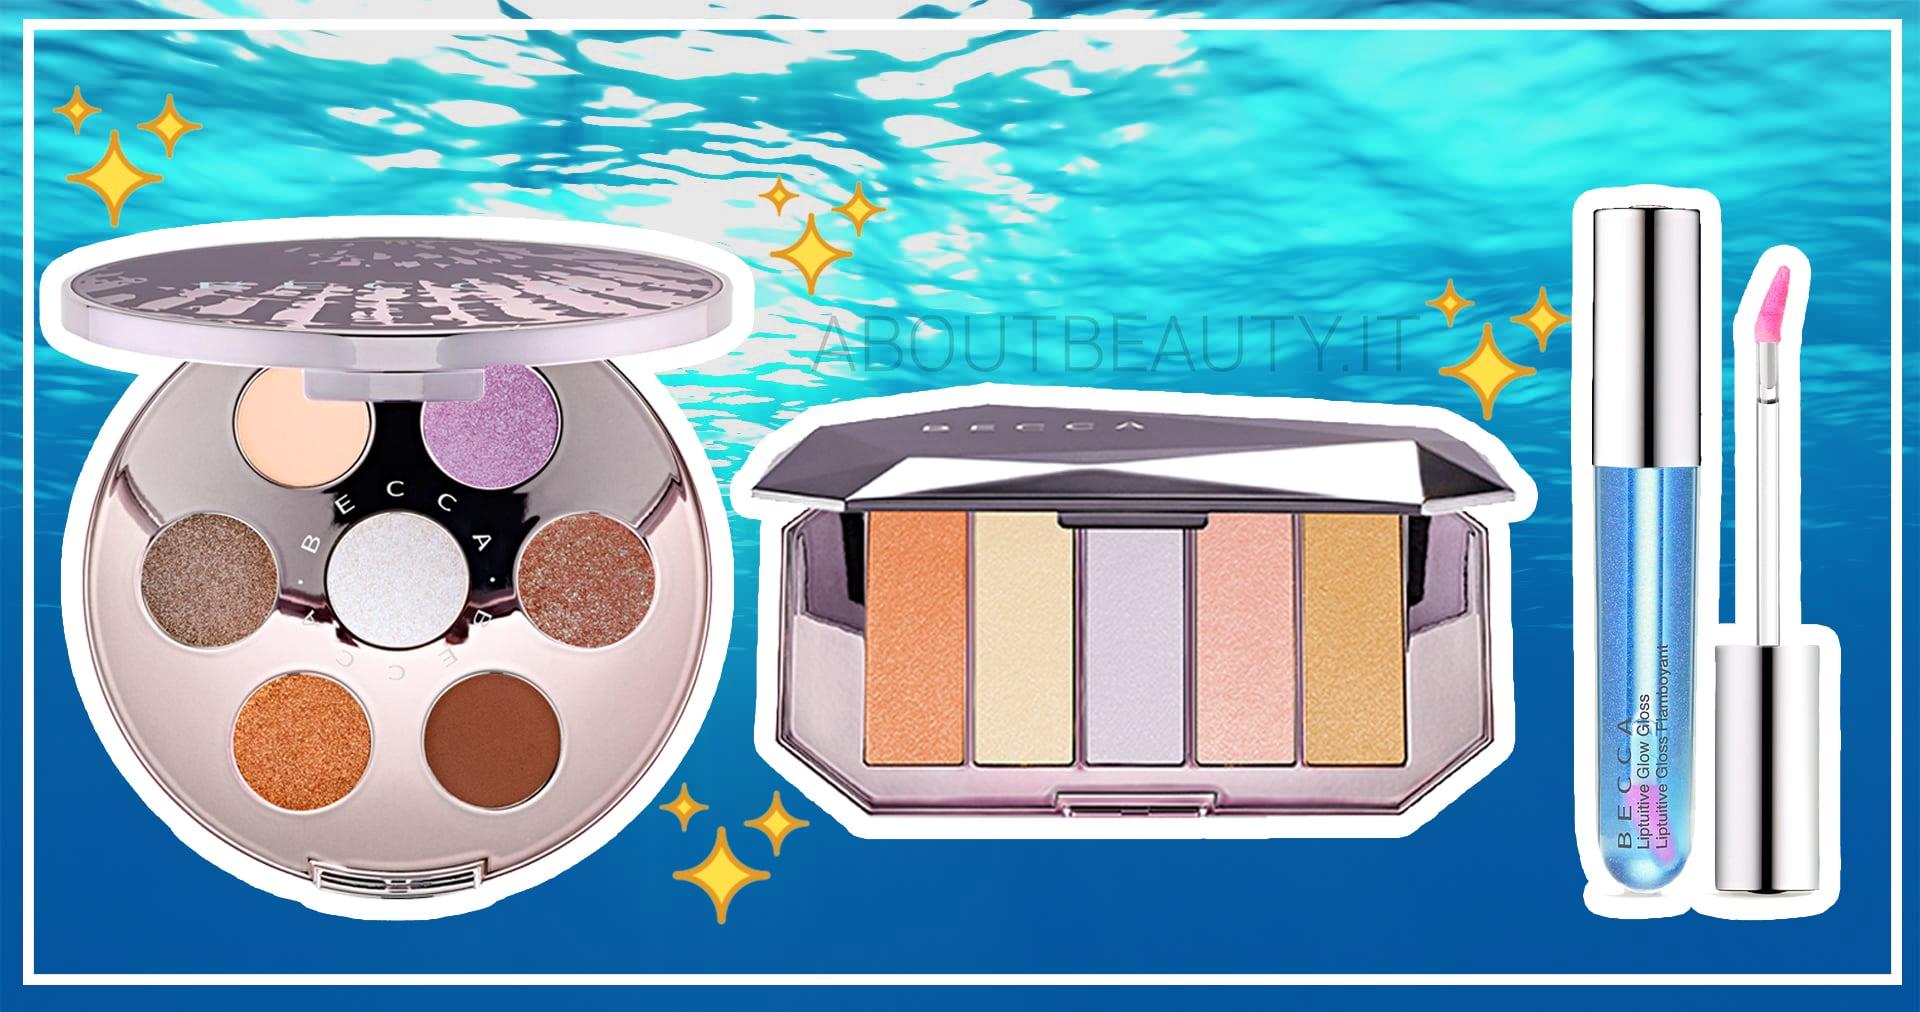 La nuova collezione Becca Ocean Jewels in esclusiva da Sephora: info, recensione, review, opinioni, dove acquistare, prezzo